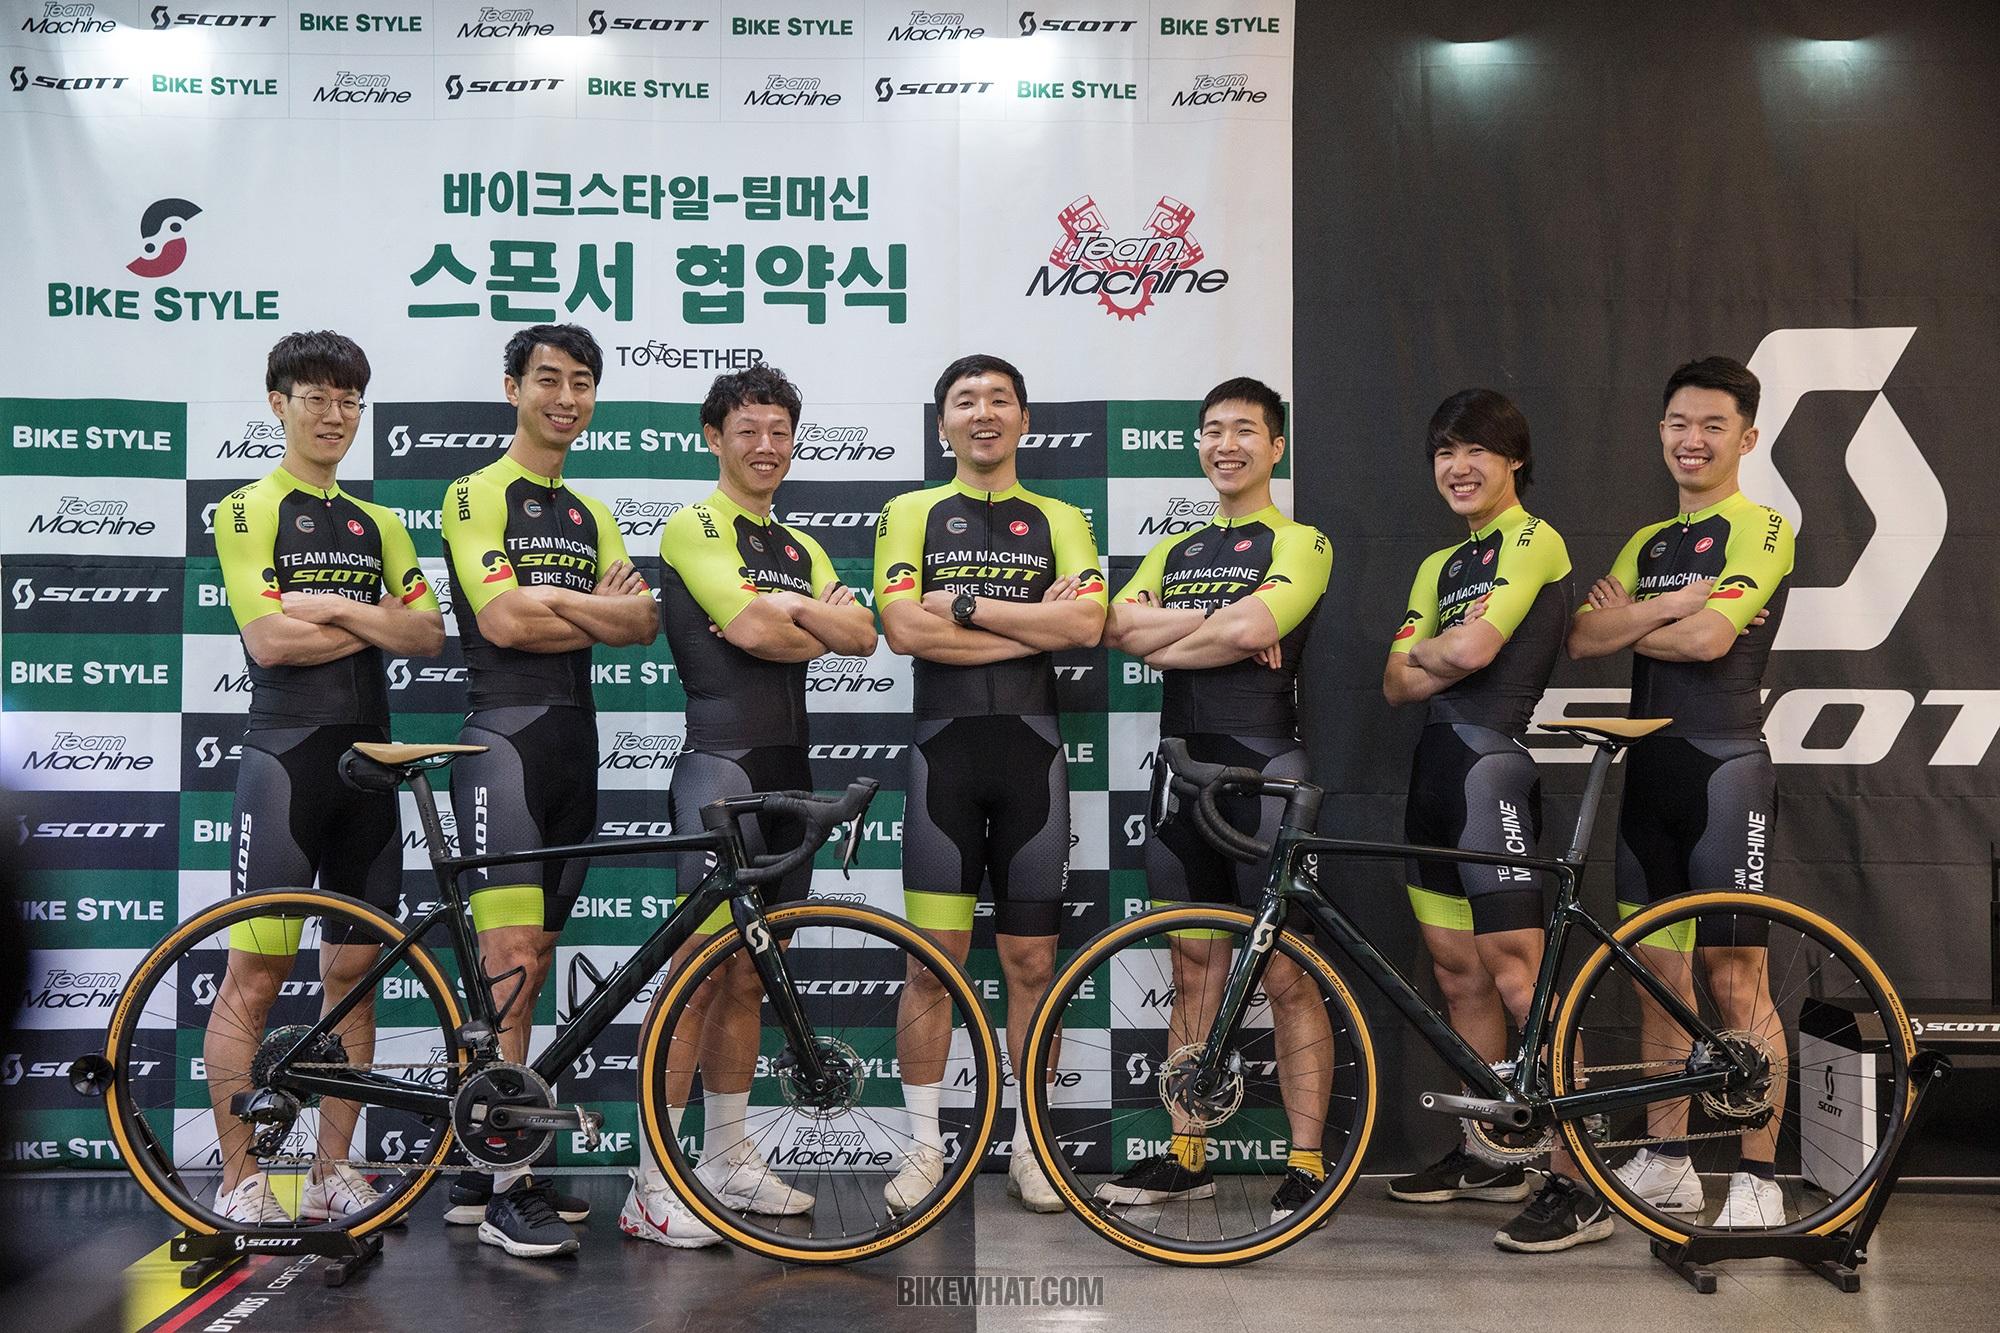 news_teammachine_bikestyle_scott_1.jpg